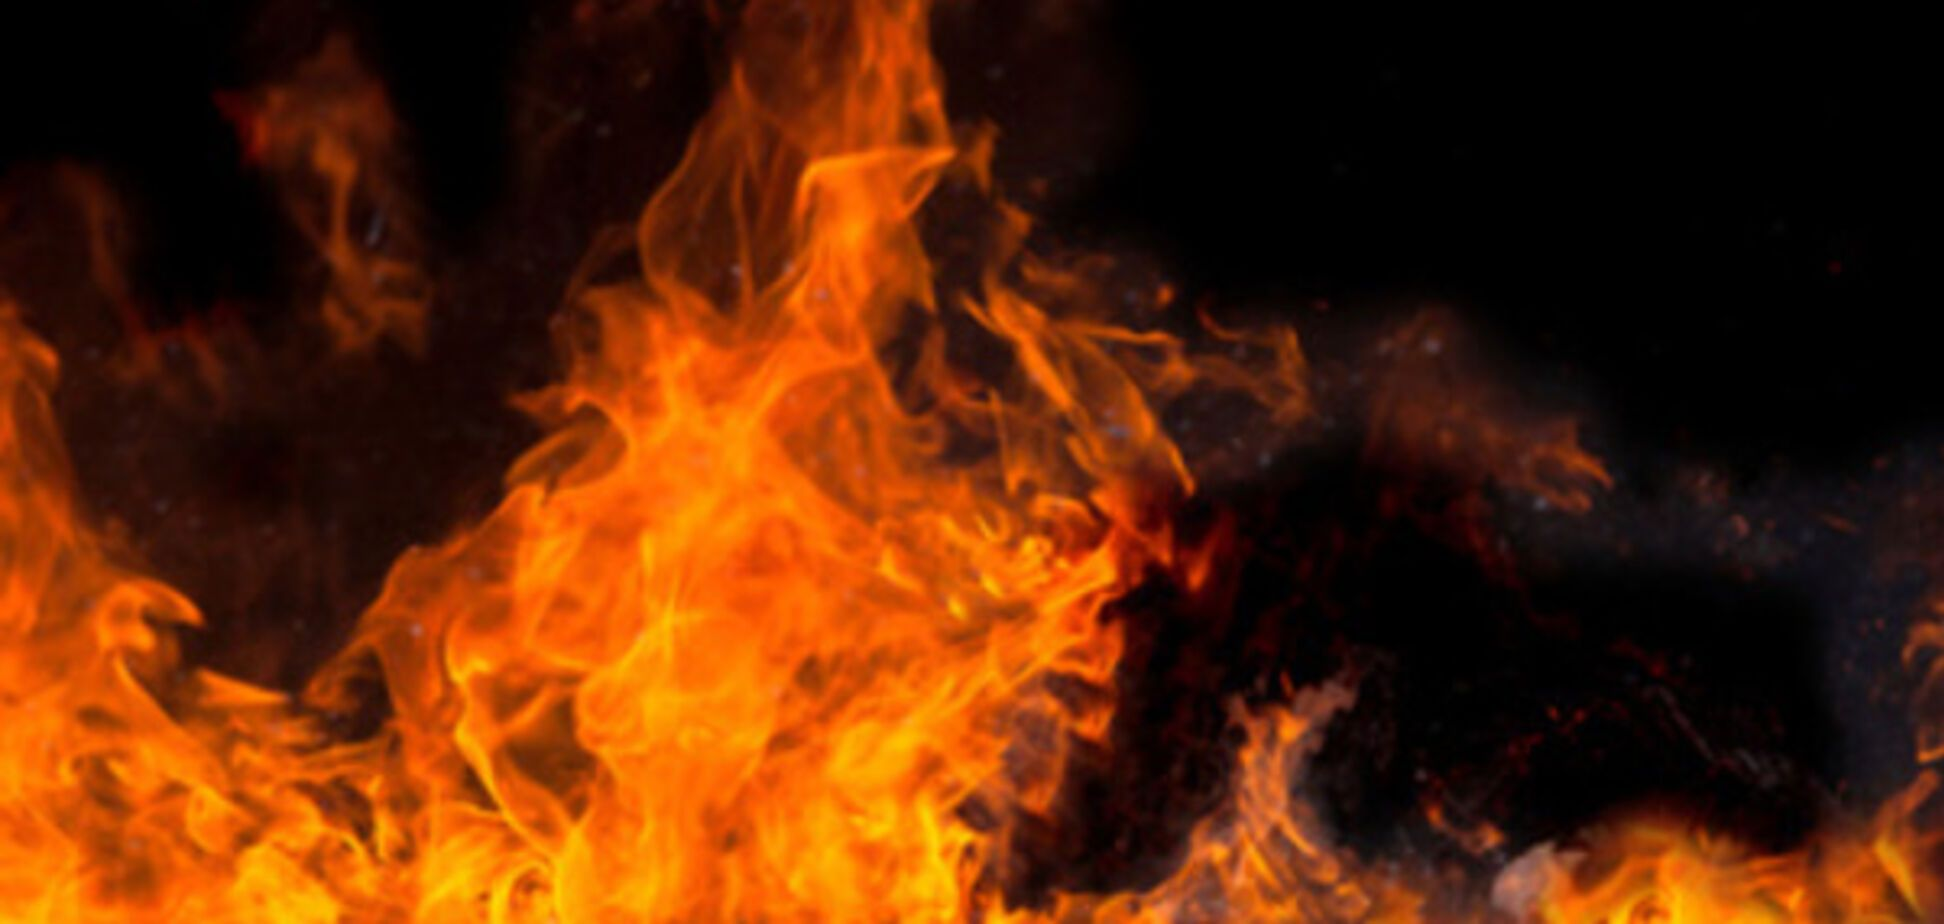 В области пенсионерку пришлось спасать из горящей квартиры